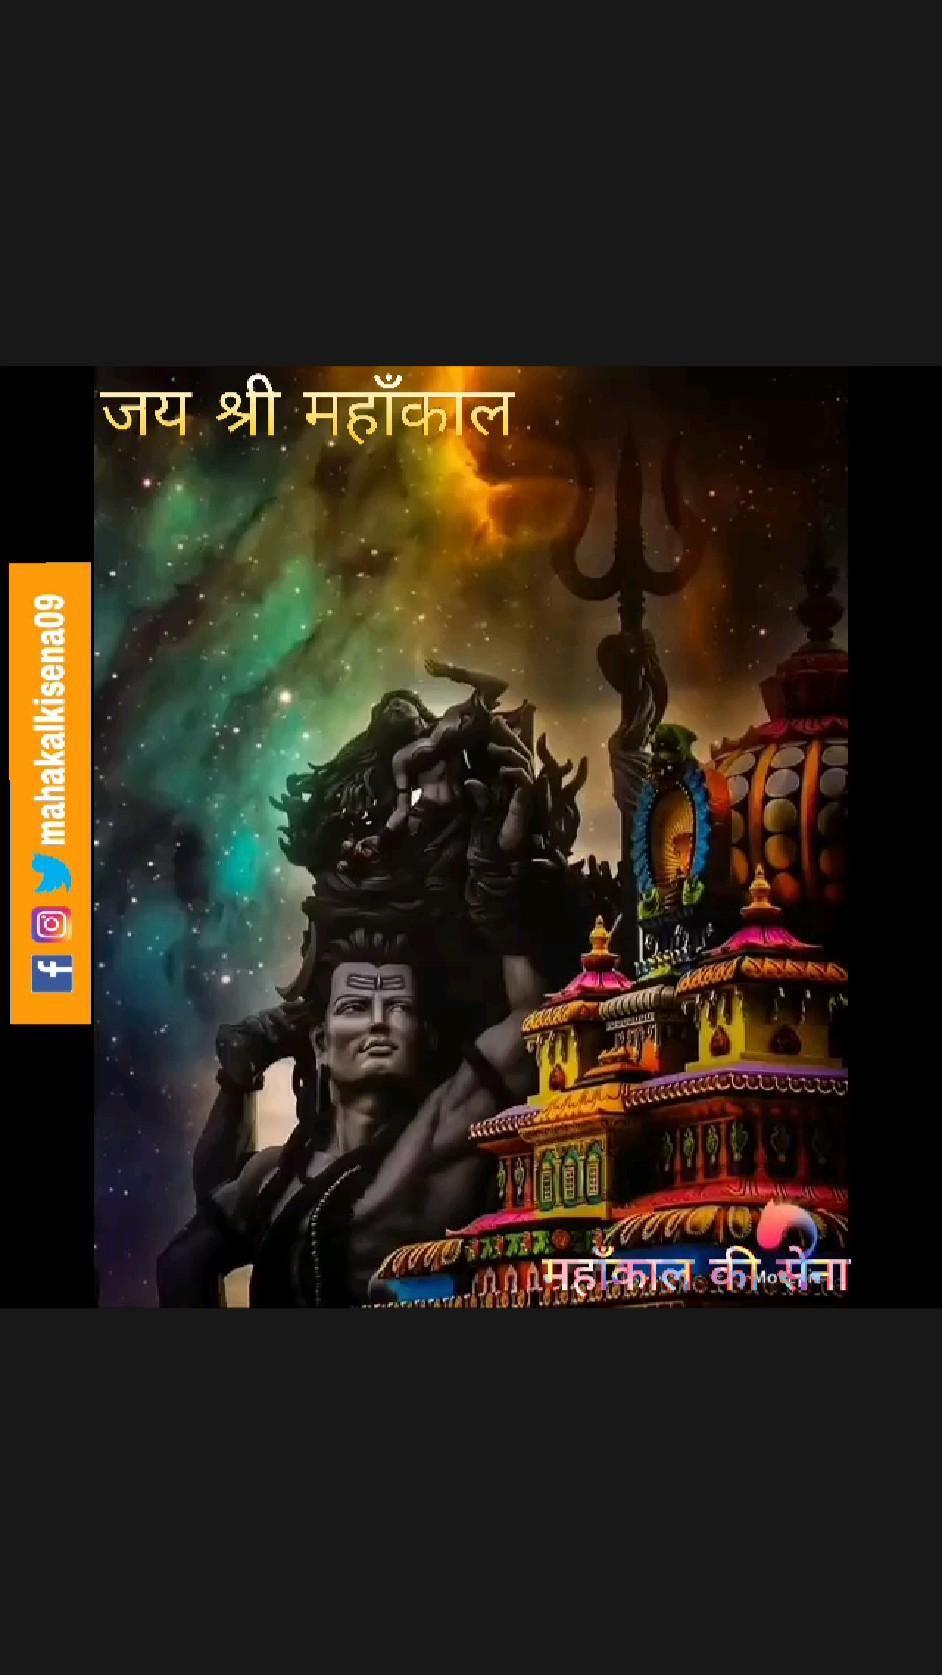 जहाँ हो शिव का वास ., वो जगह  है स्वर्ग से भी खास.! हर हर महादेव ♥️ Lord Shiv special video states